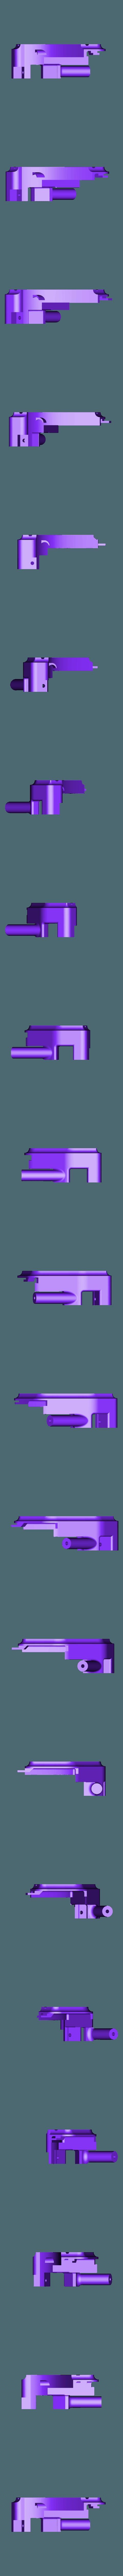 wall_right.stl Télécharger fichier STL gratuit EPIC 6 stage coilgun • Objet pour impression 3D, Gyro